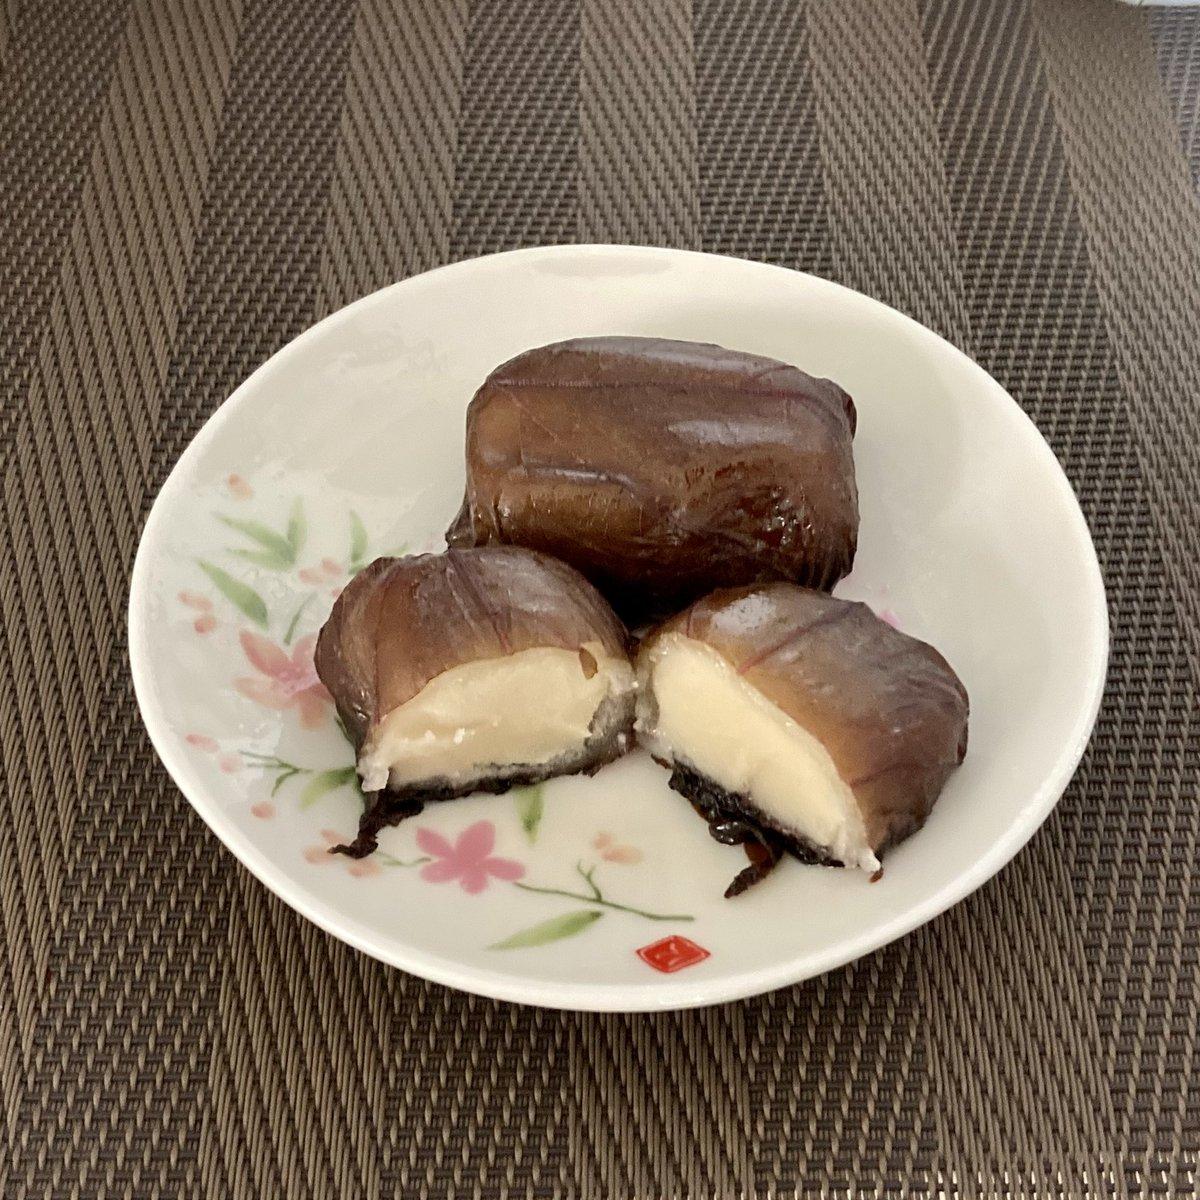 test ツイッターメディア - 初めて食べたんですが、紫蘇と白餡って合うんですね☺️💕 癖になりそう…😋 水戸の銘菓「水戸の梅」 https://t.co/ADhhKCBvGO